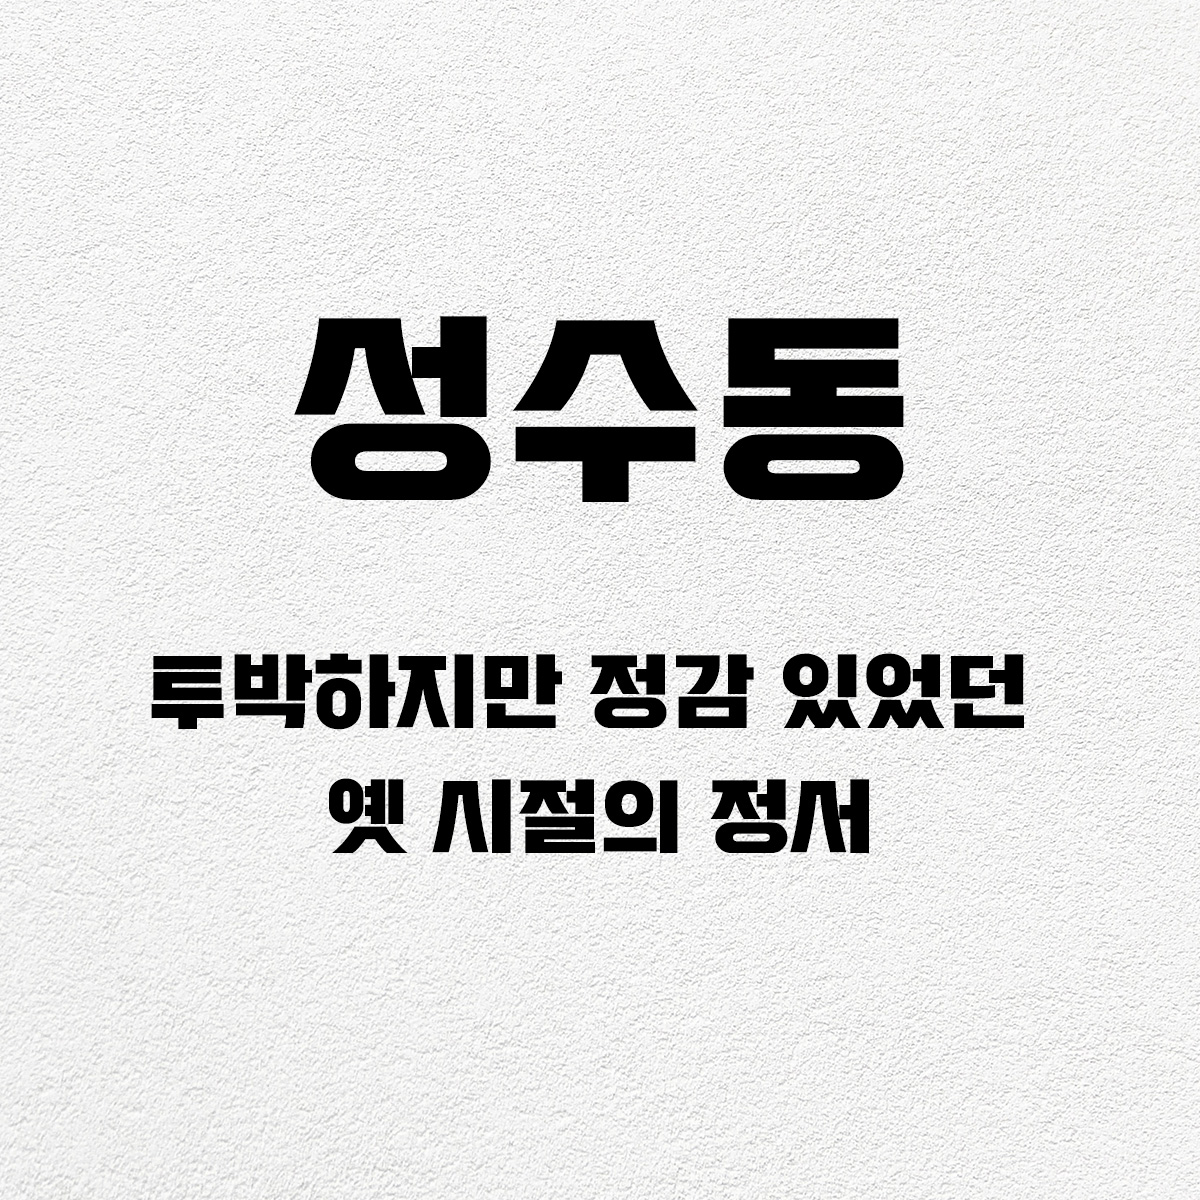 타이포_성수동